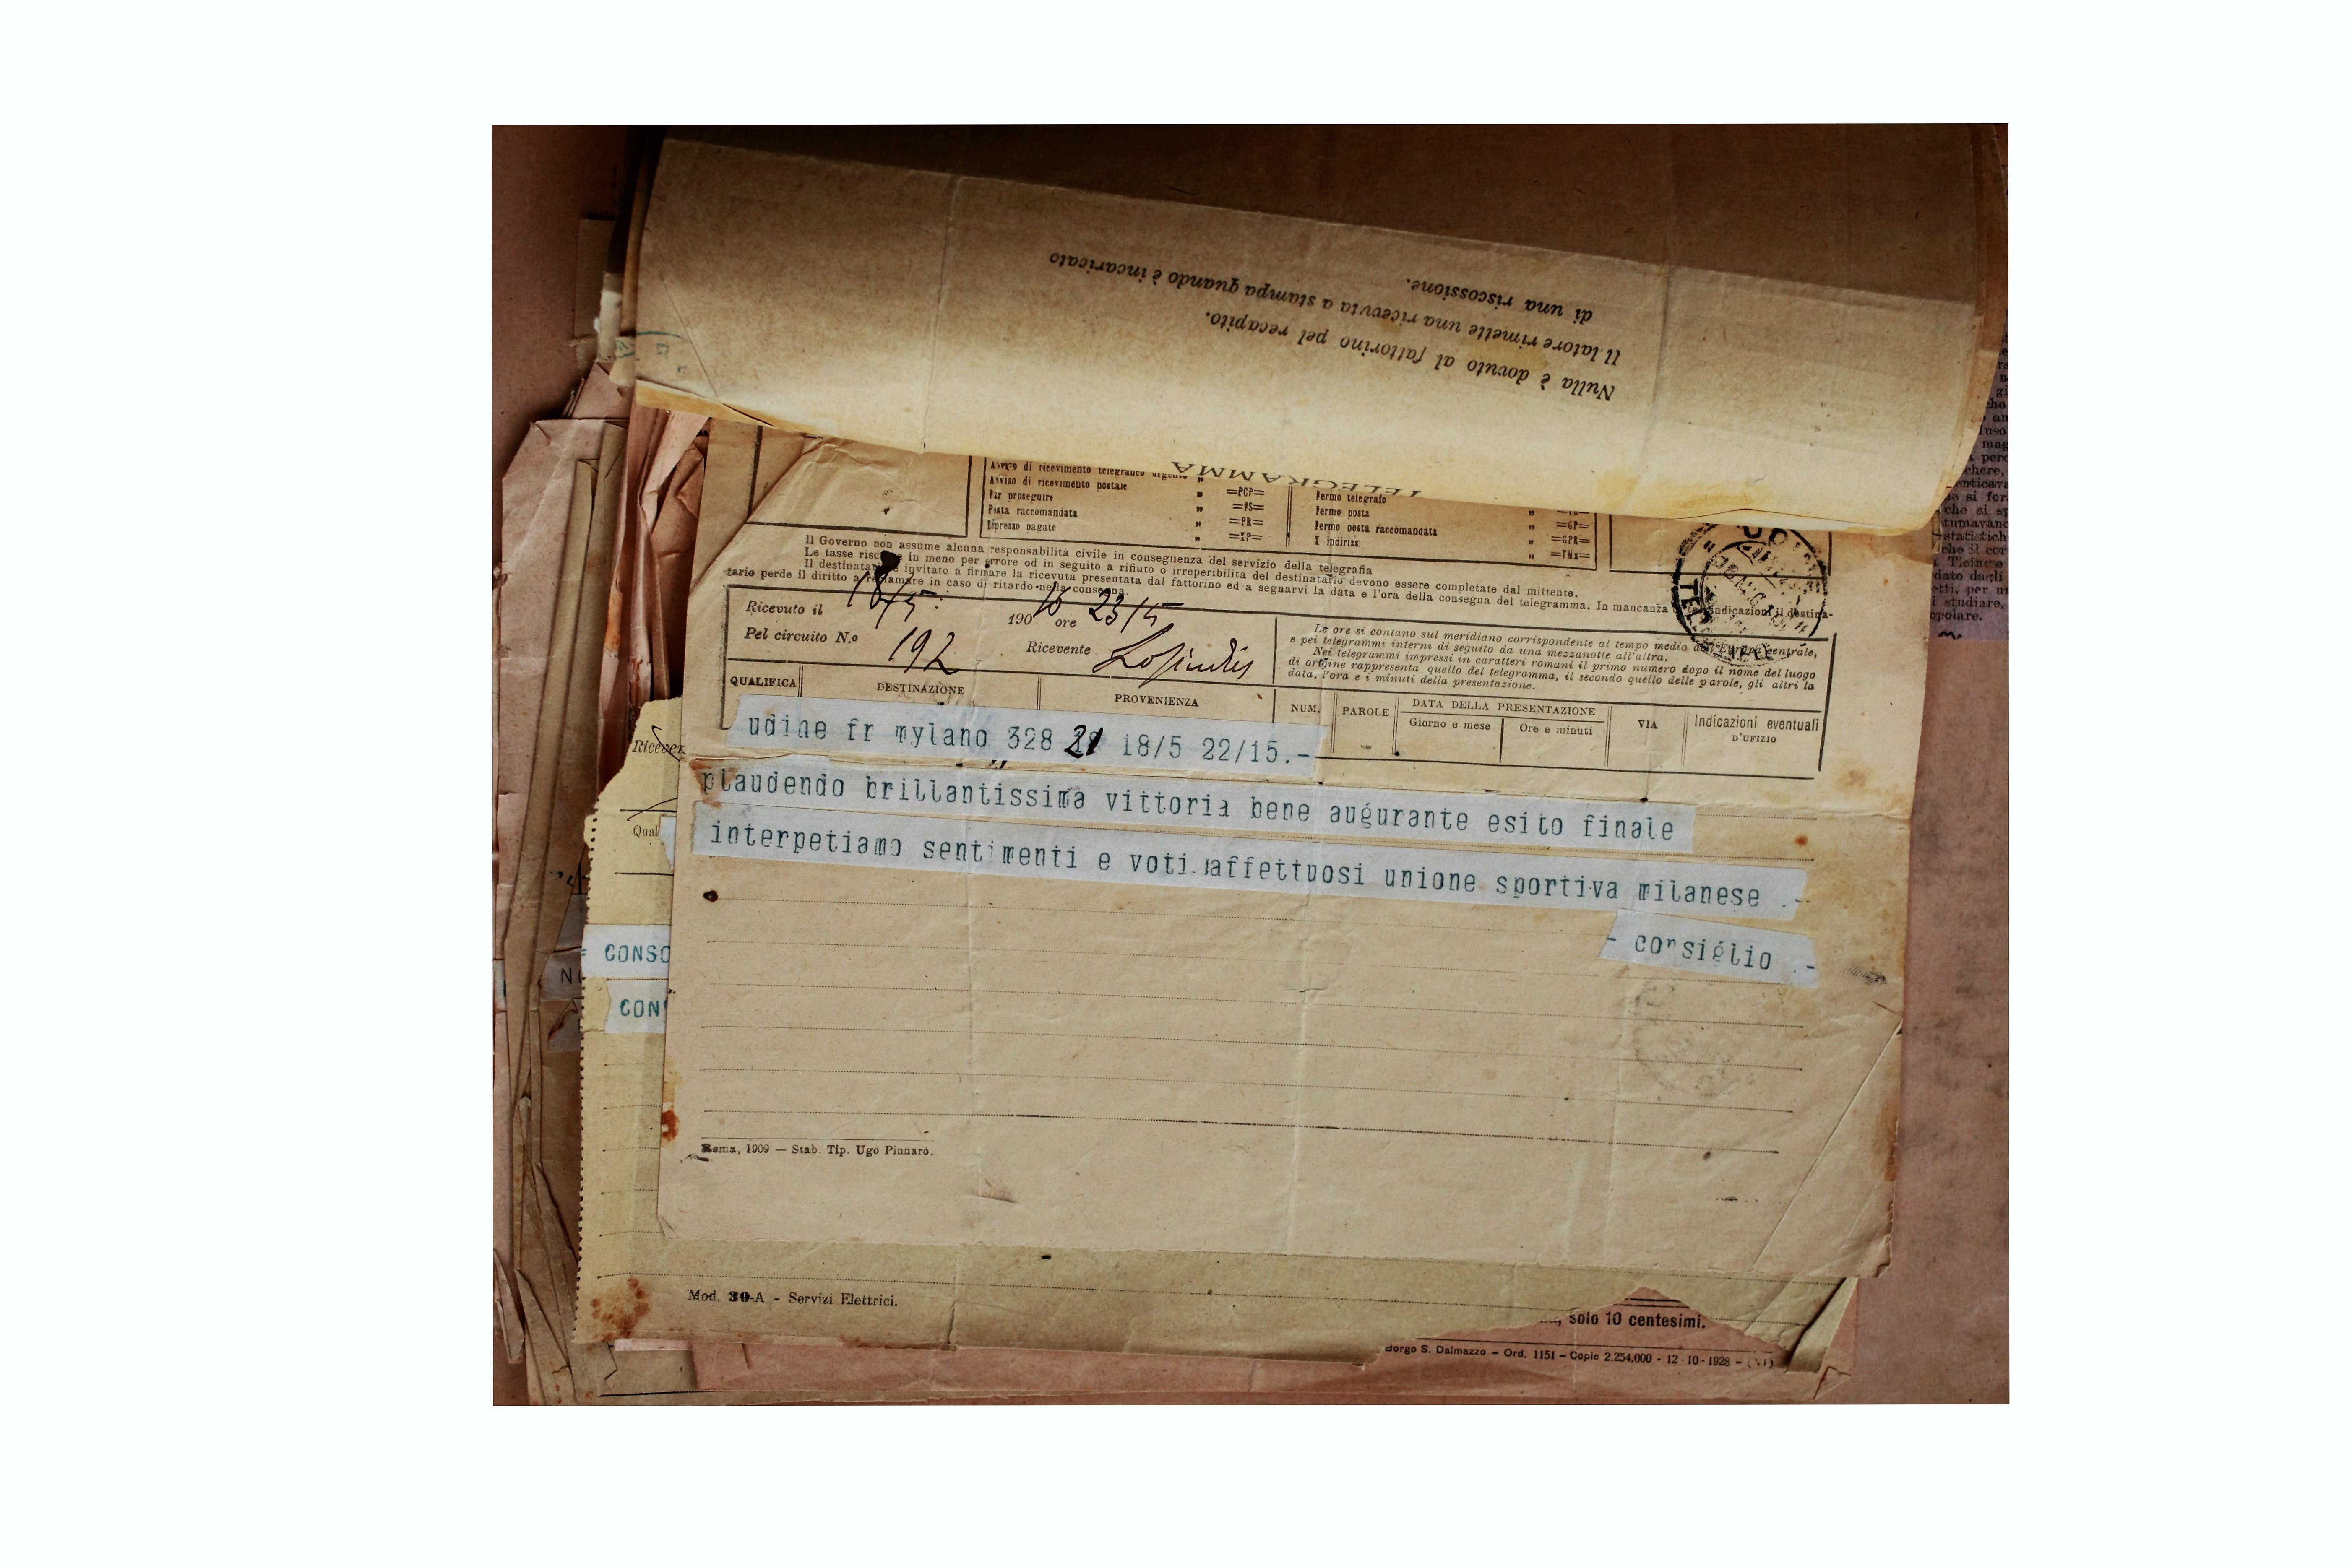 1910 - Telegramma del Consiglio USM a Carlo Galetti dopo la prima tappa del giro Milano - Udine